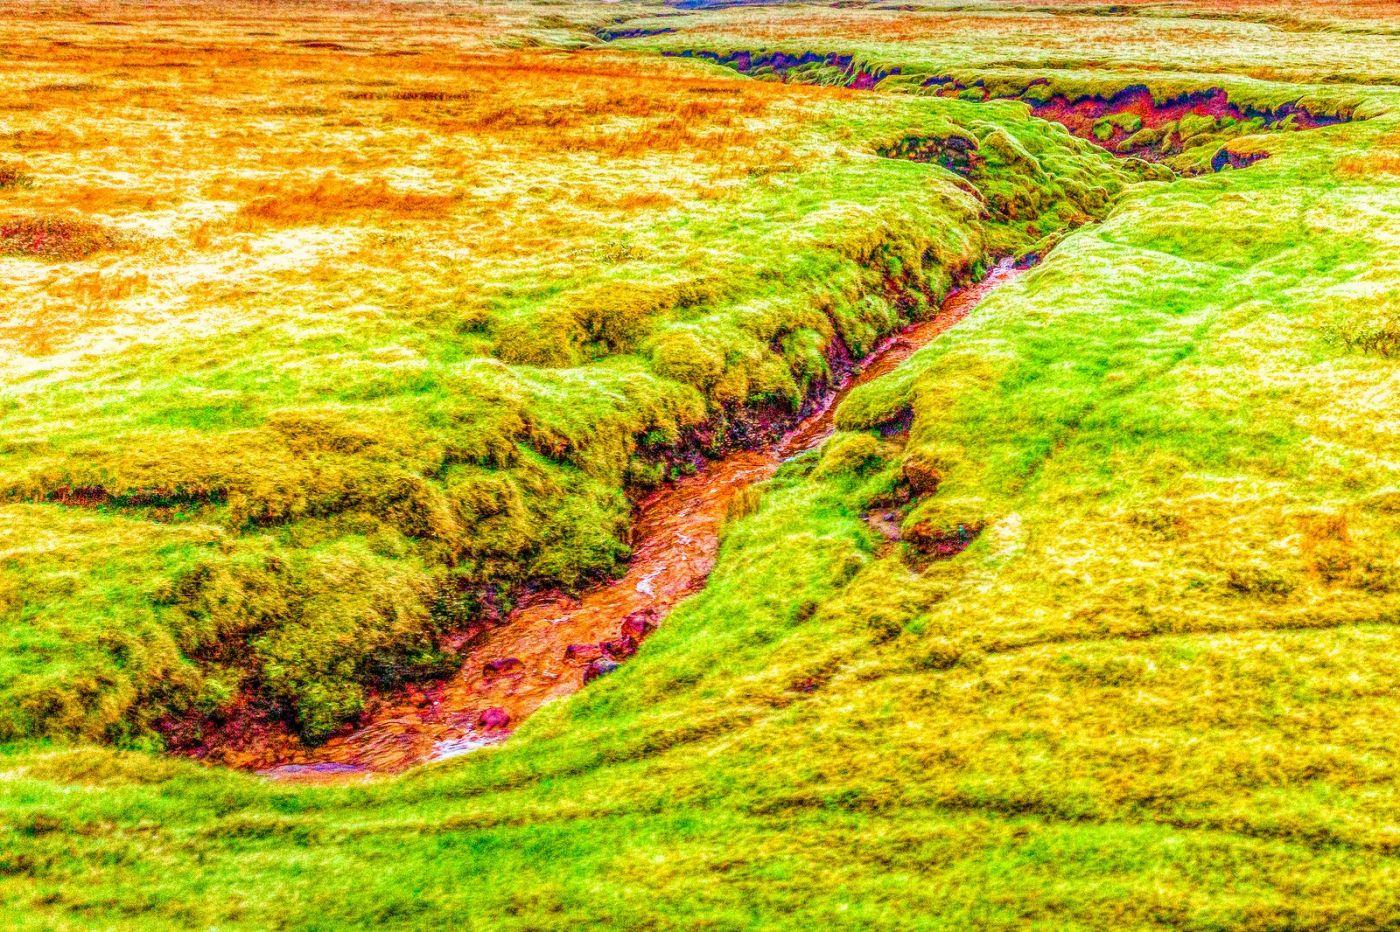 冰岛风采,延伸视野_图1-36